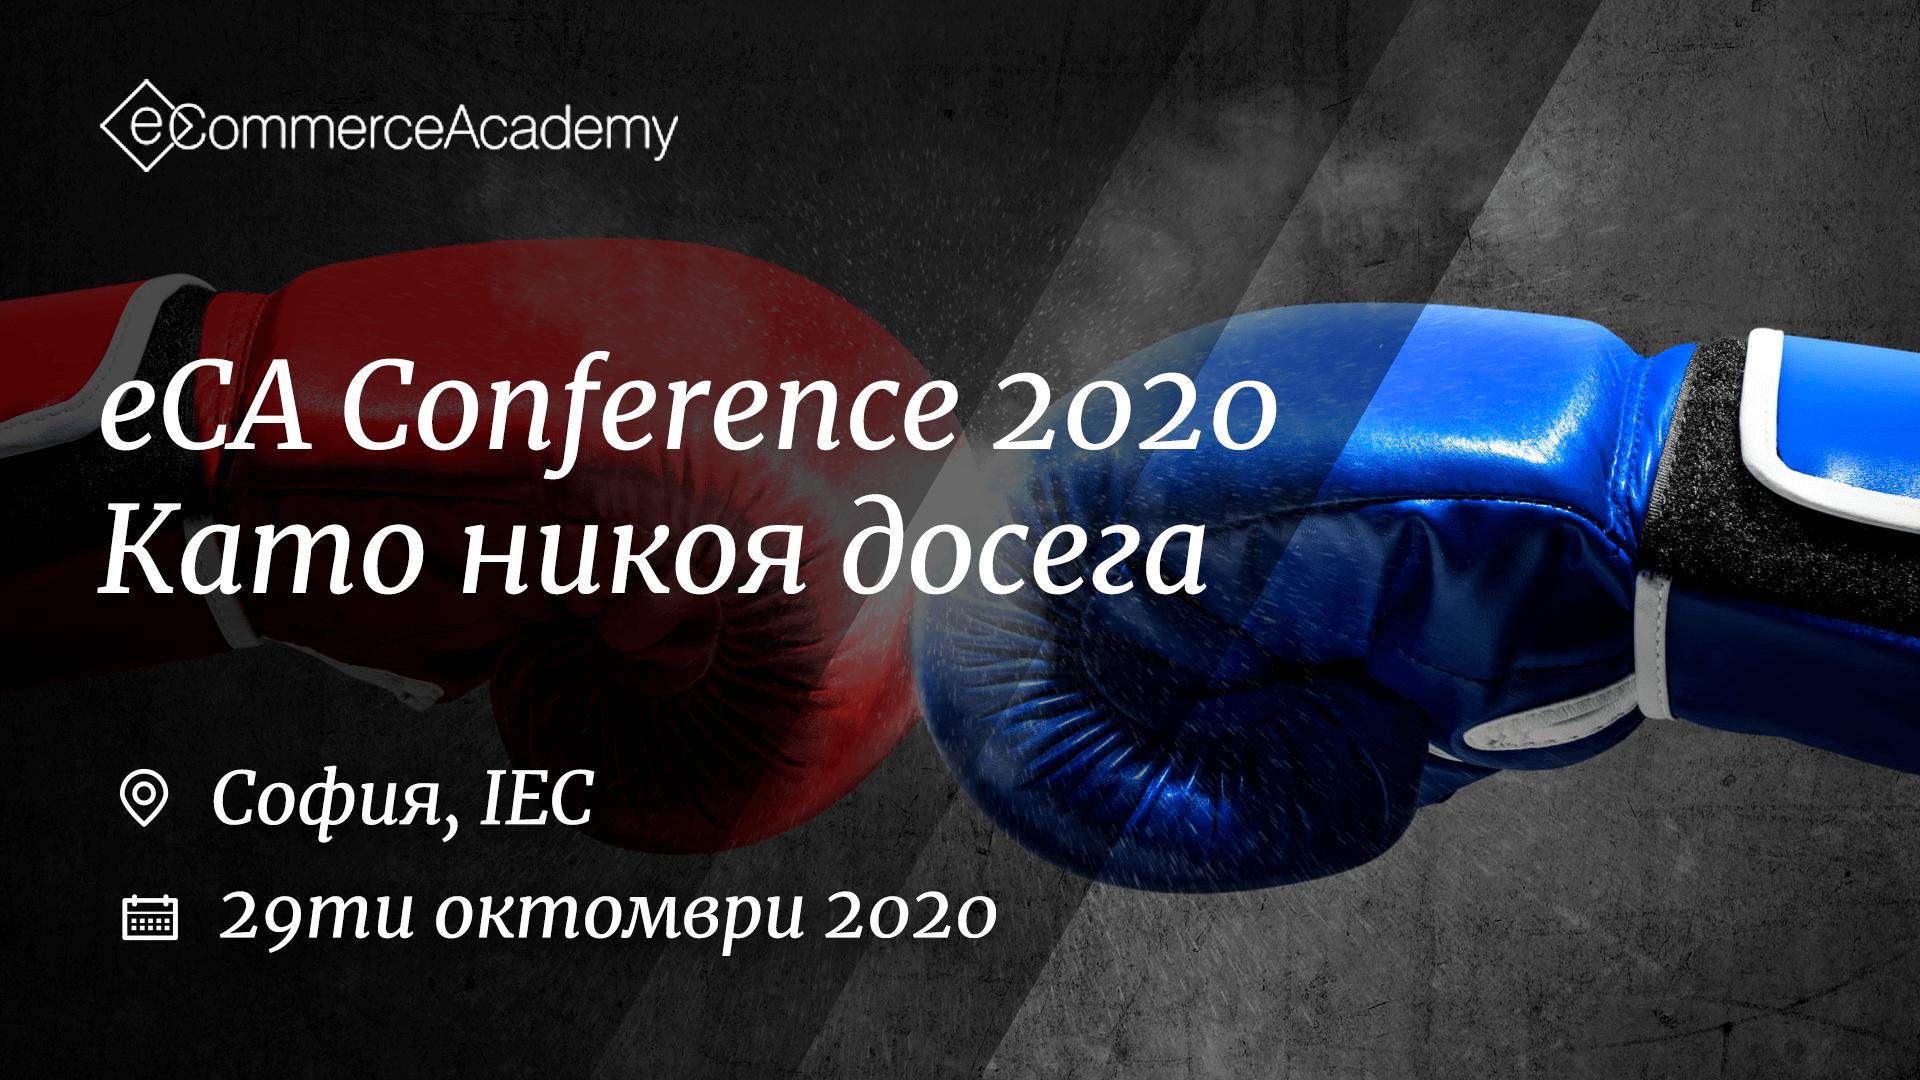 Както никога досега eCommerce Academy Conference 2020 ще бъде в София